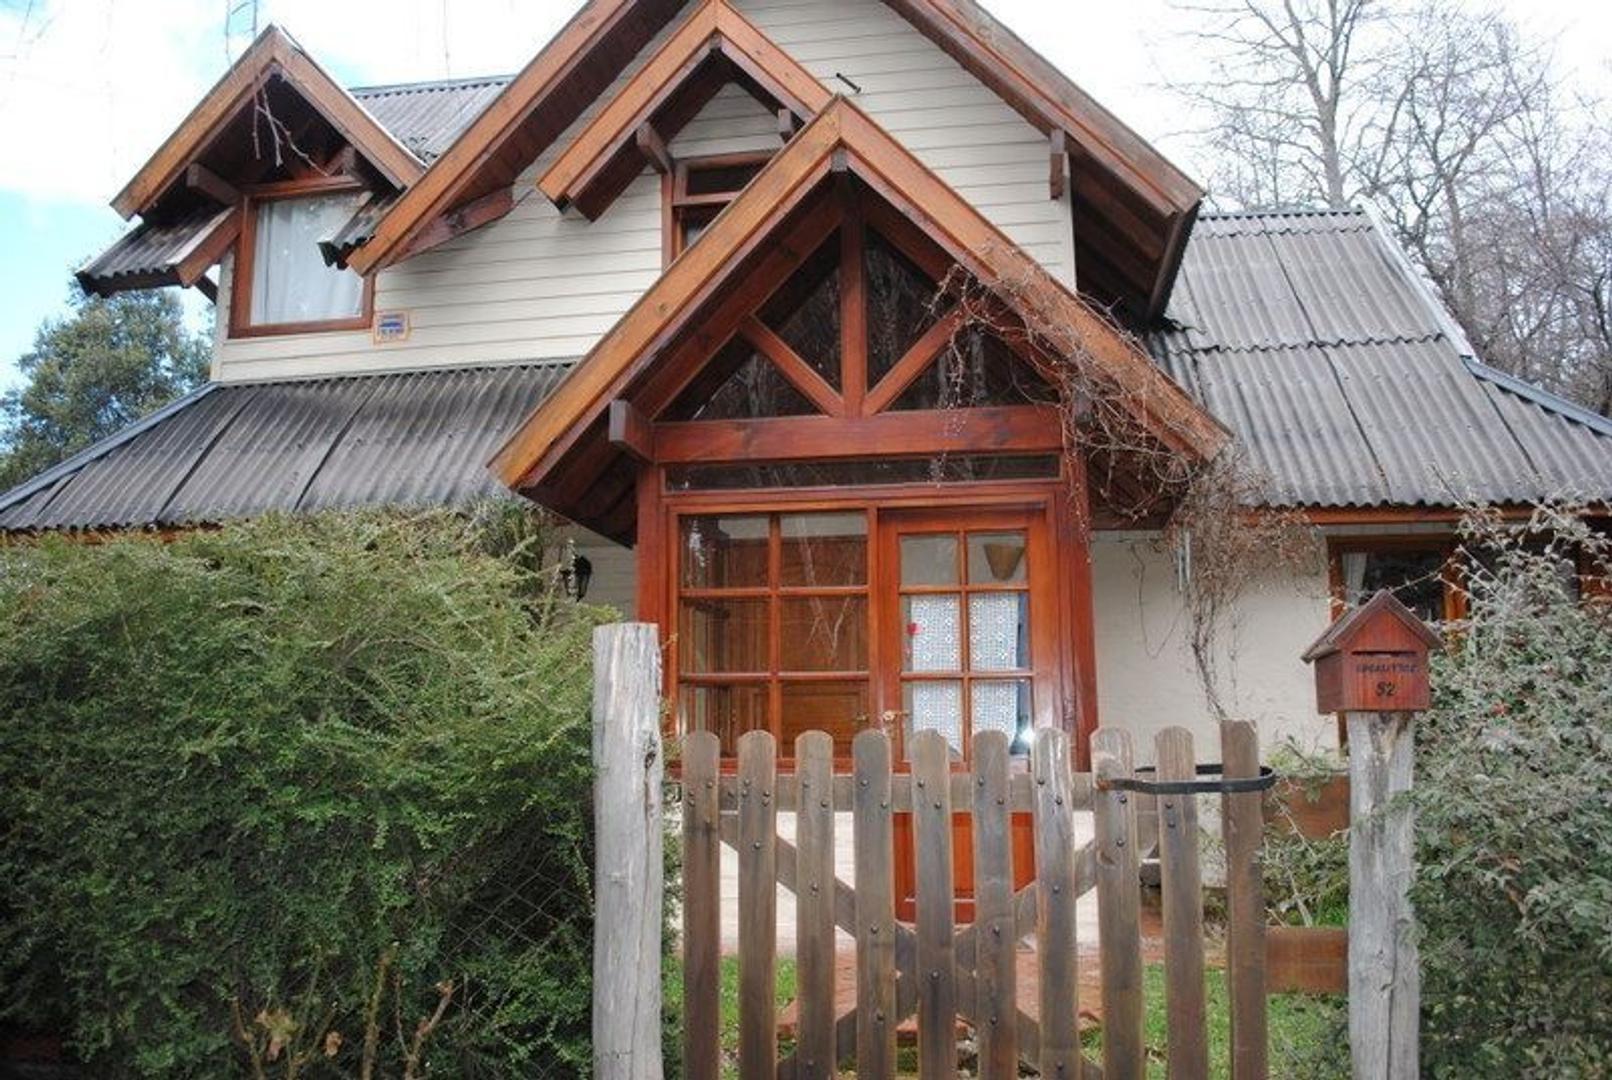 Casa en venta en altos de chapelco los eucaliptos san martin de los andes argenprop - Casa de san martin ...